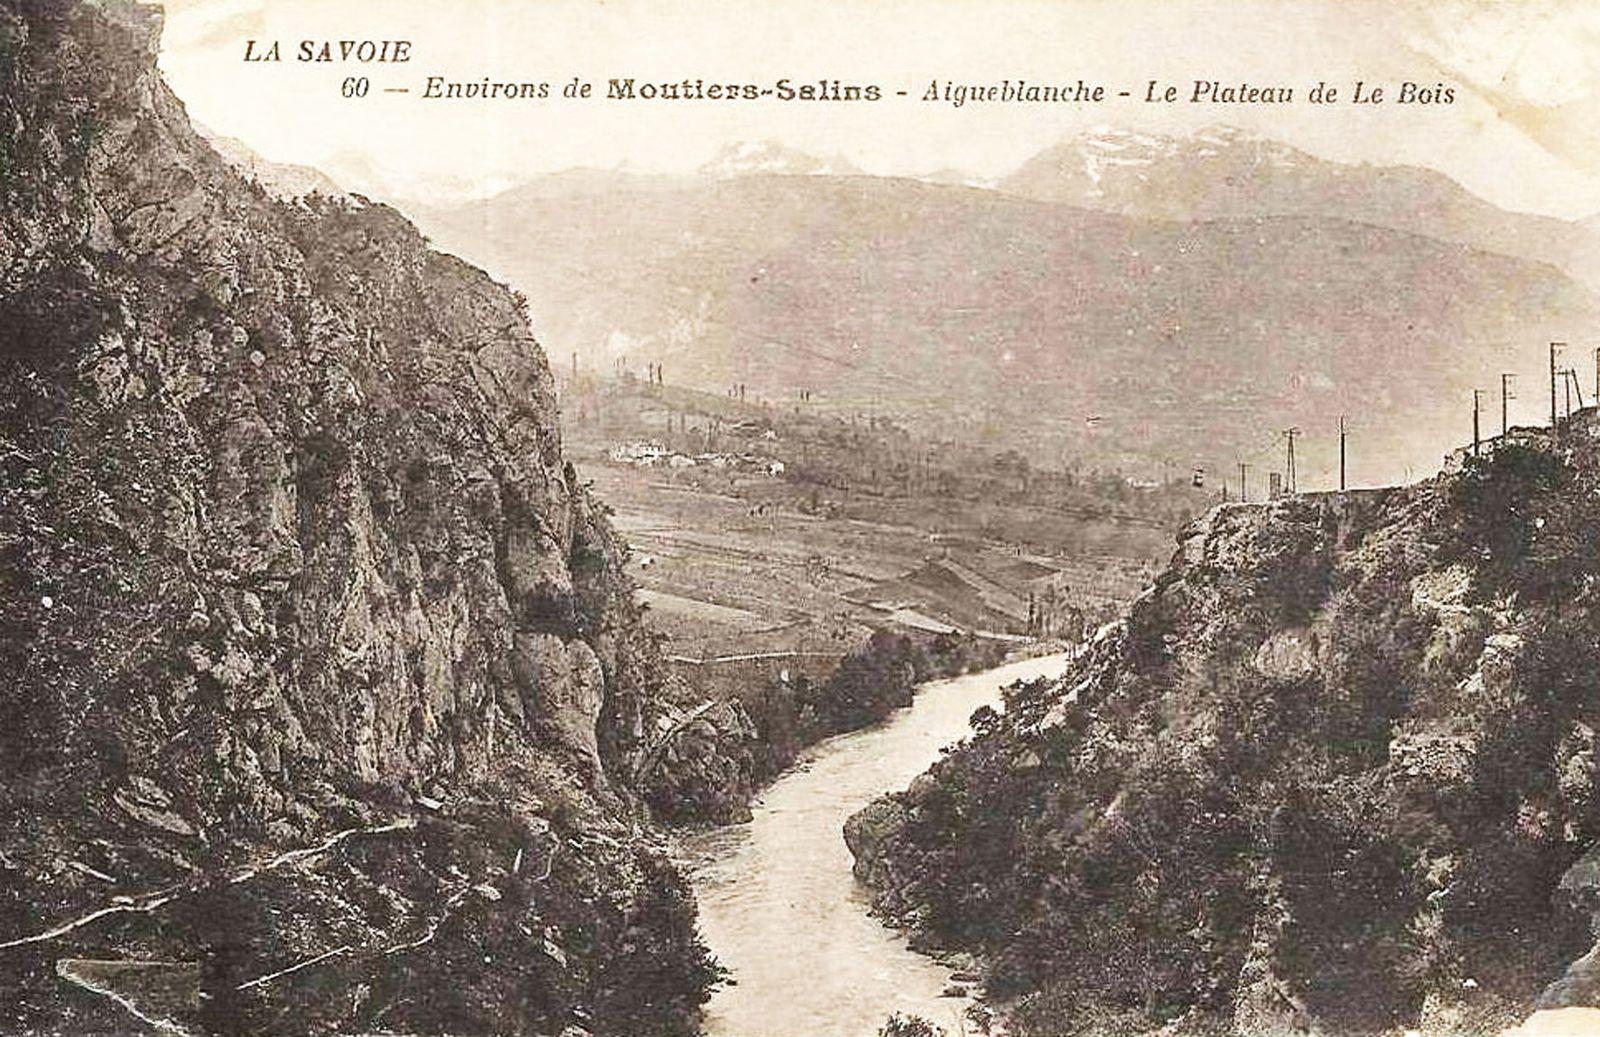 Les gorges de ponserand et la voie romaine avant la construction du barrage .   On peut voir des cultures en terrasses sous la route actuelle